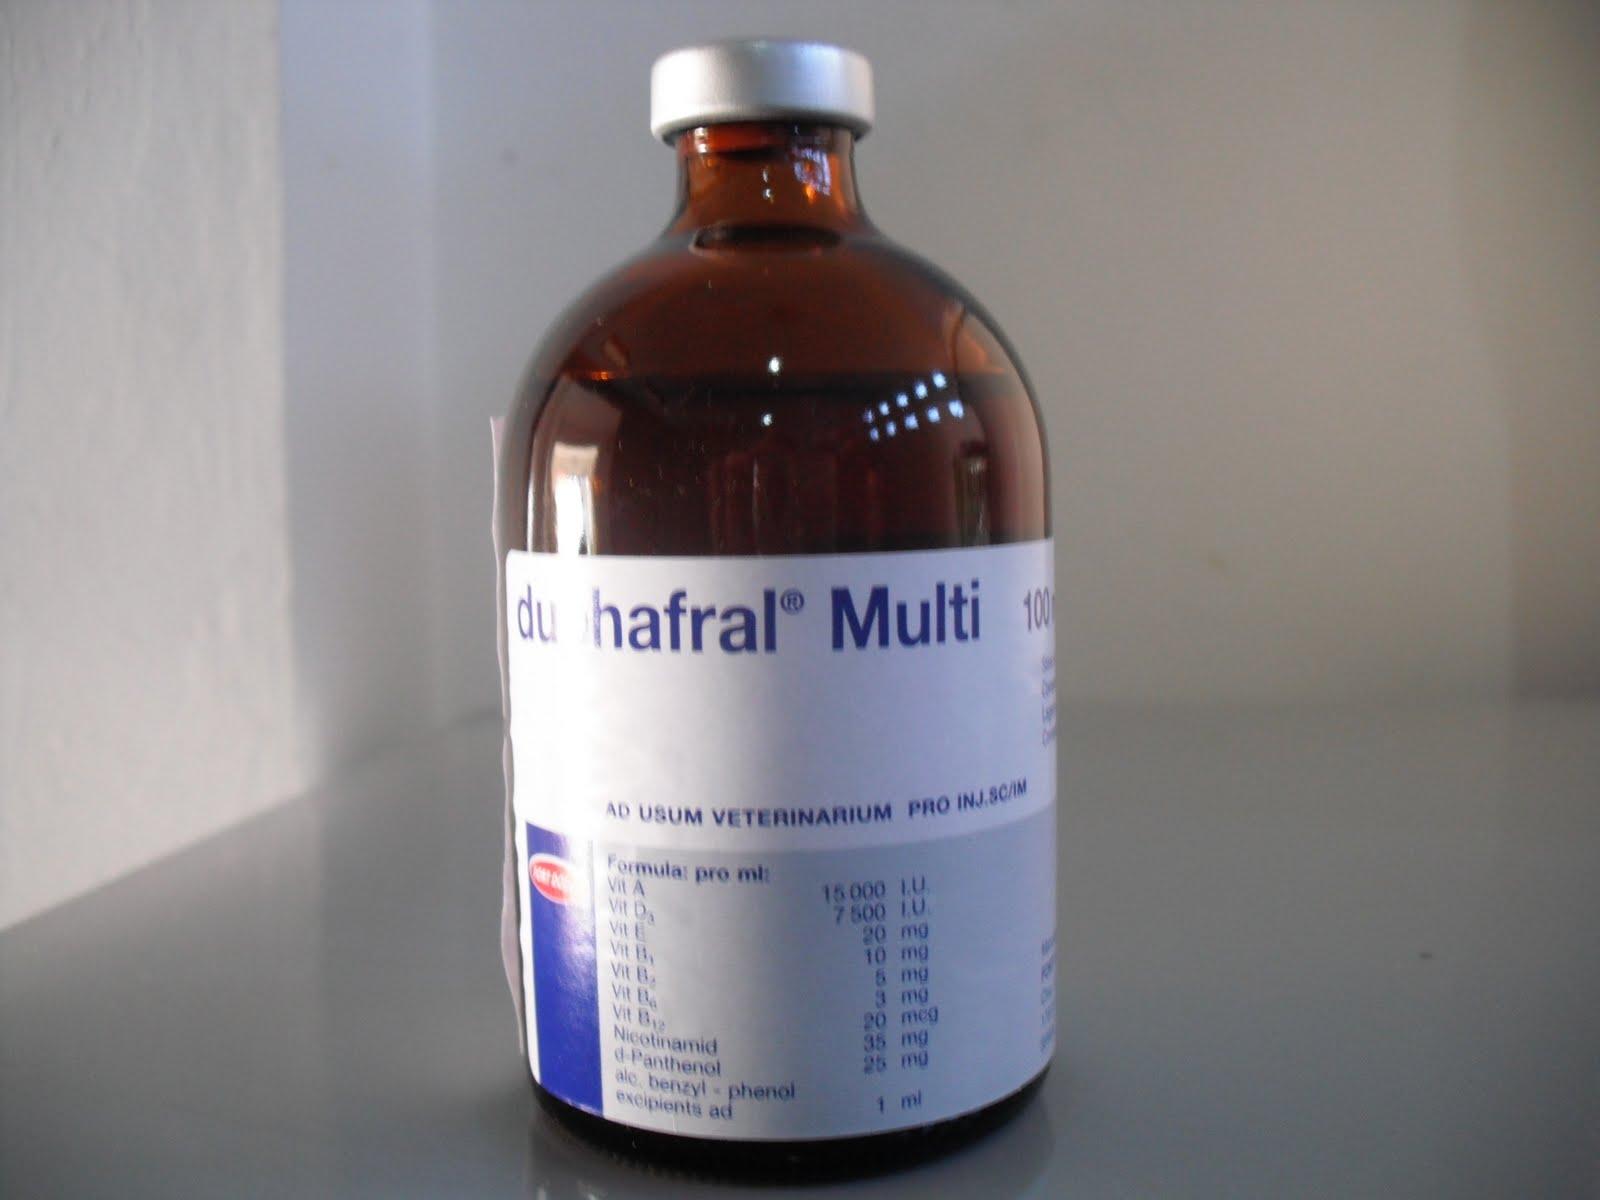 Paeco Agung Duphafral Multi